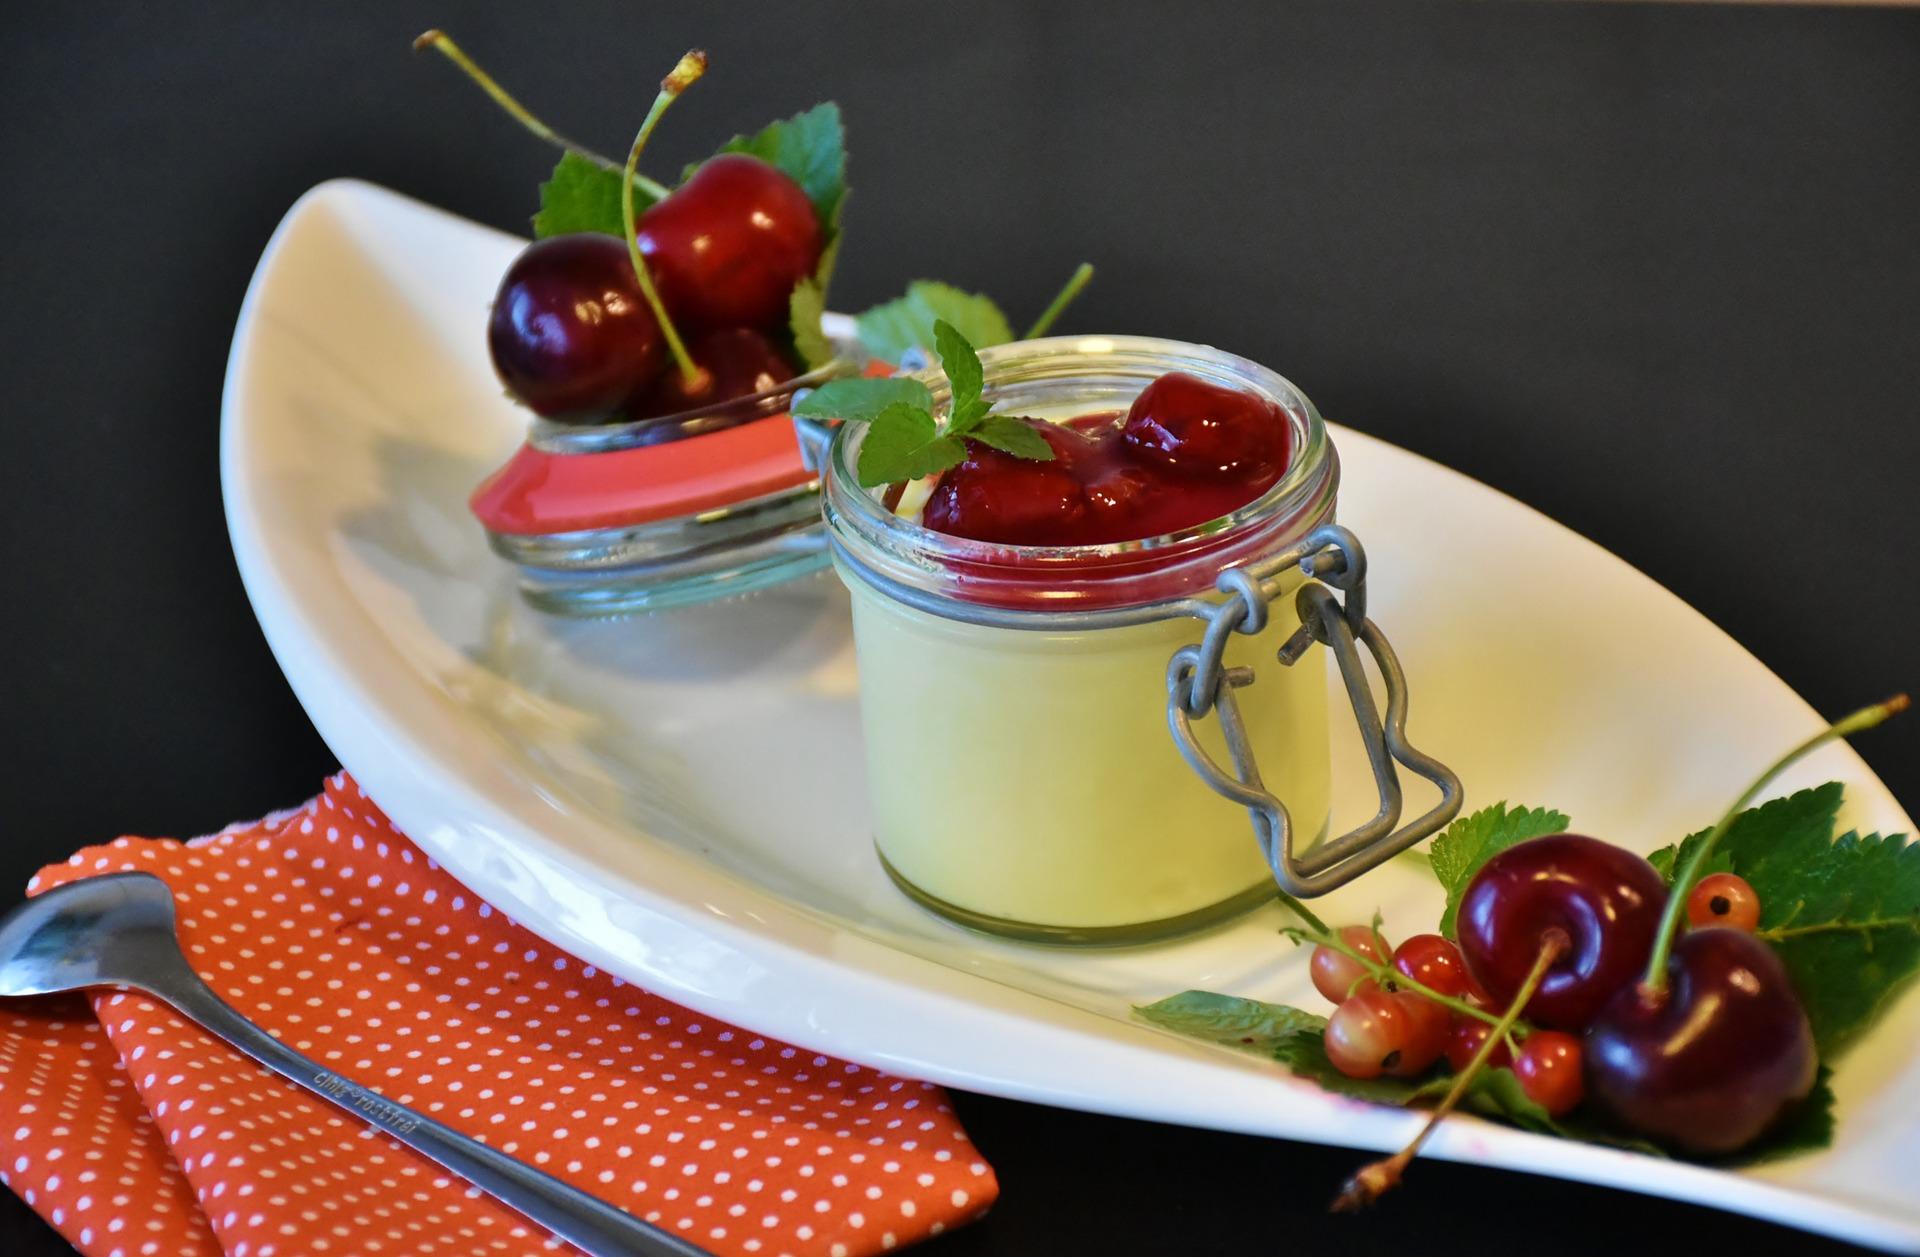 Receta de Vasitos de Cereza. crema de queso con coulis de cerezas